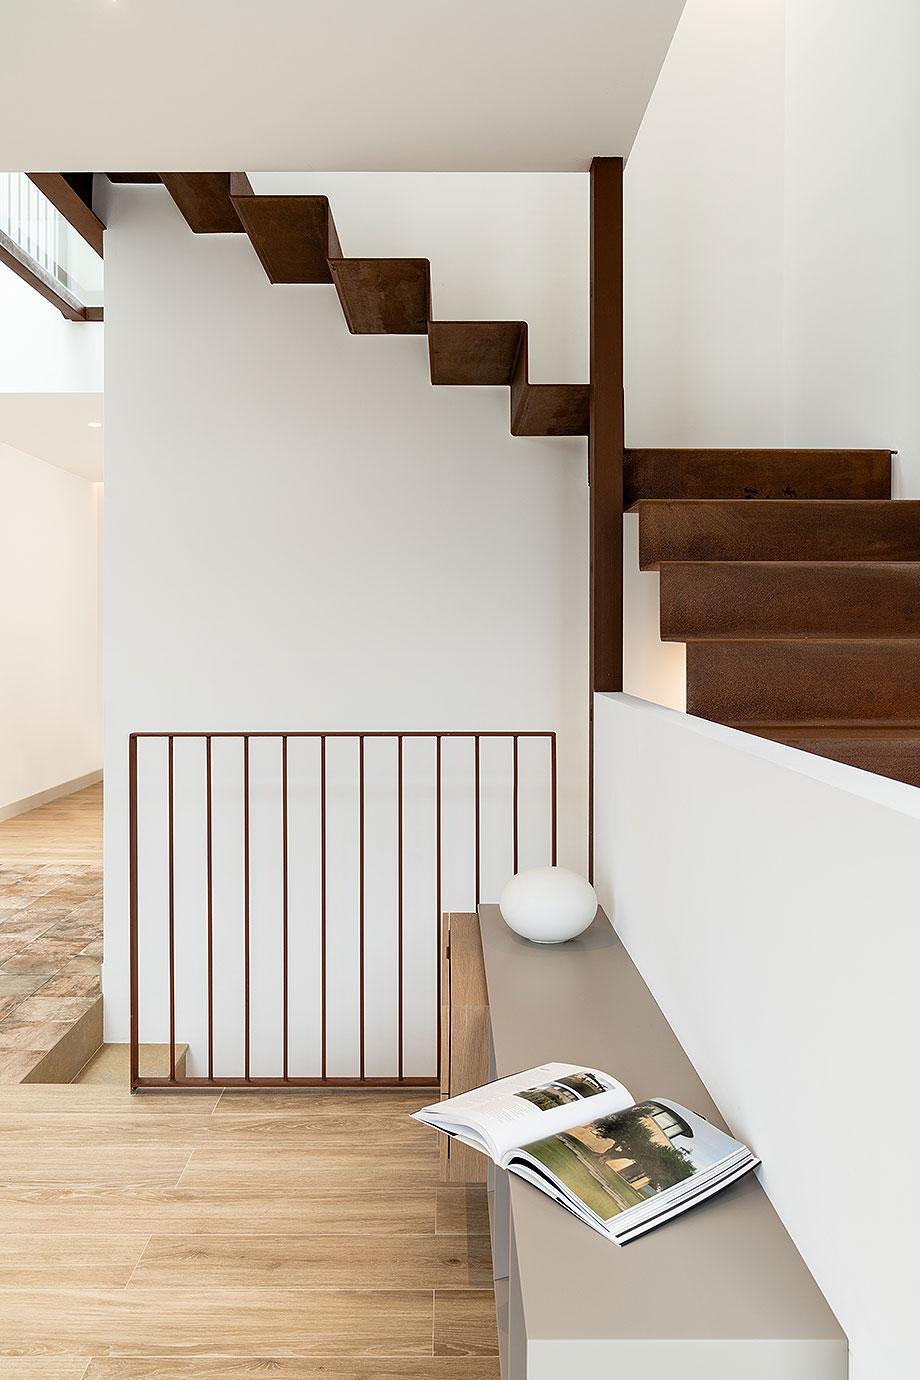 de garaje a vivienda por liniarquitectura (11) - foto laura tomas